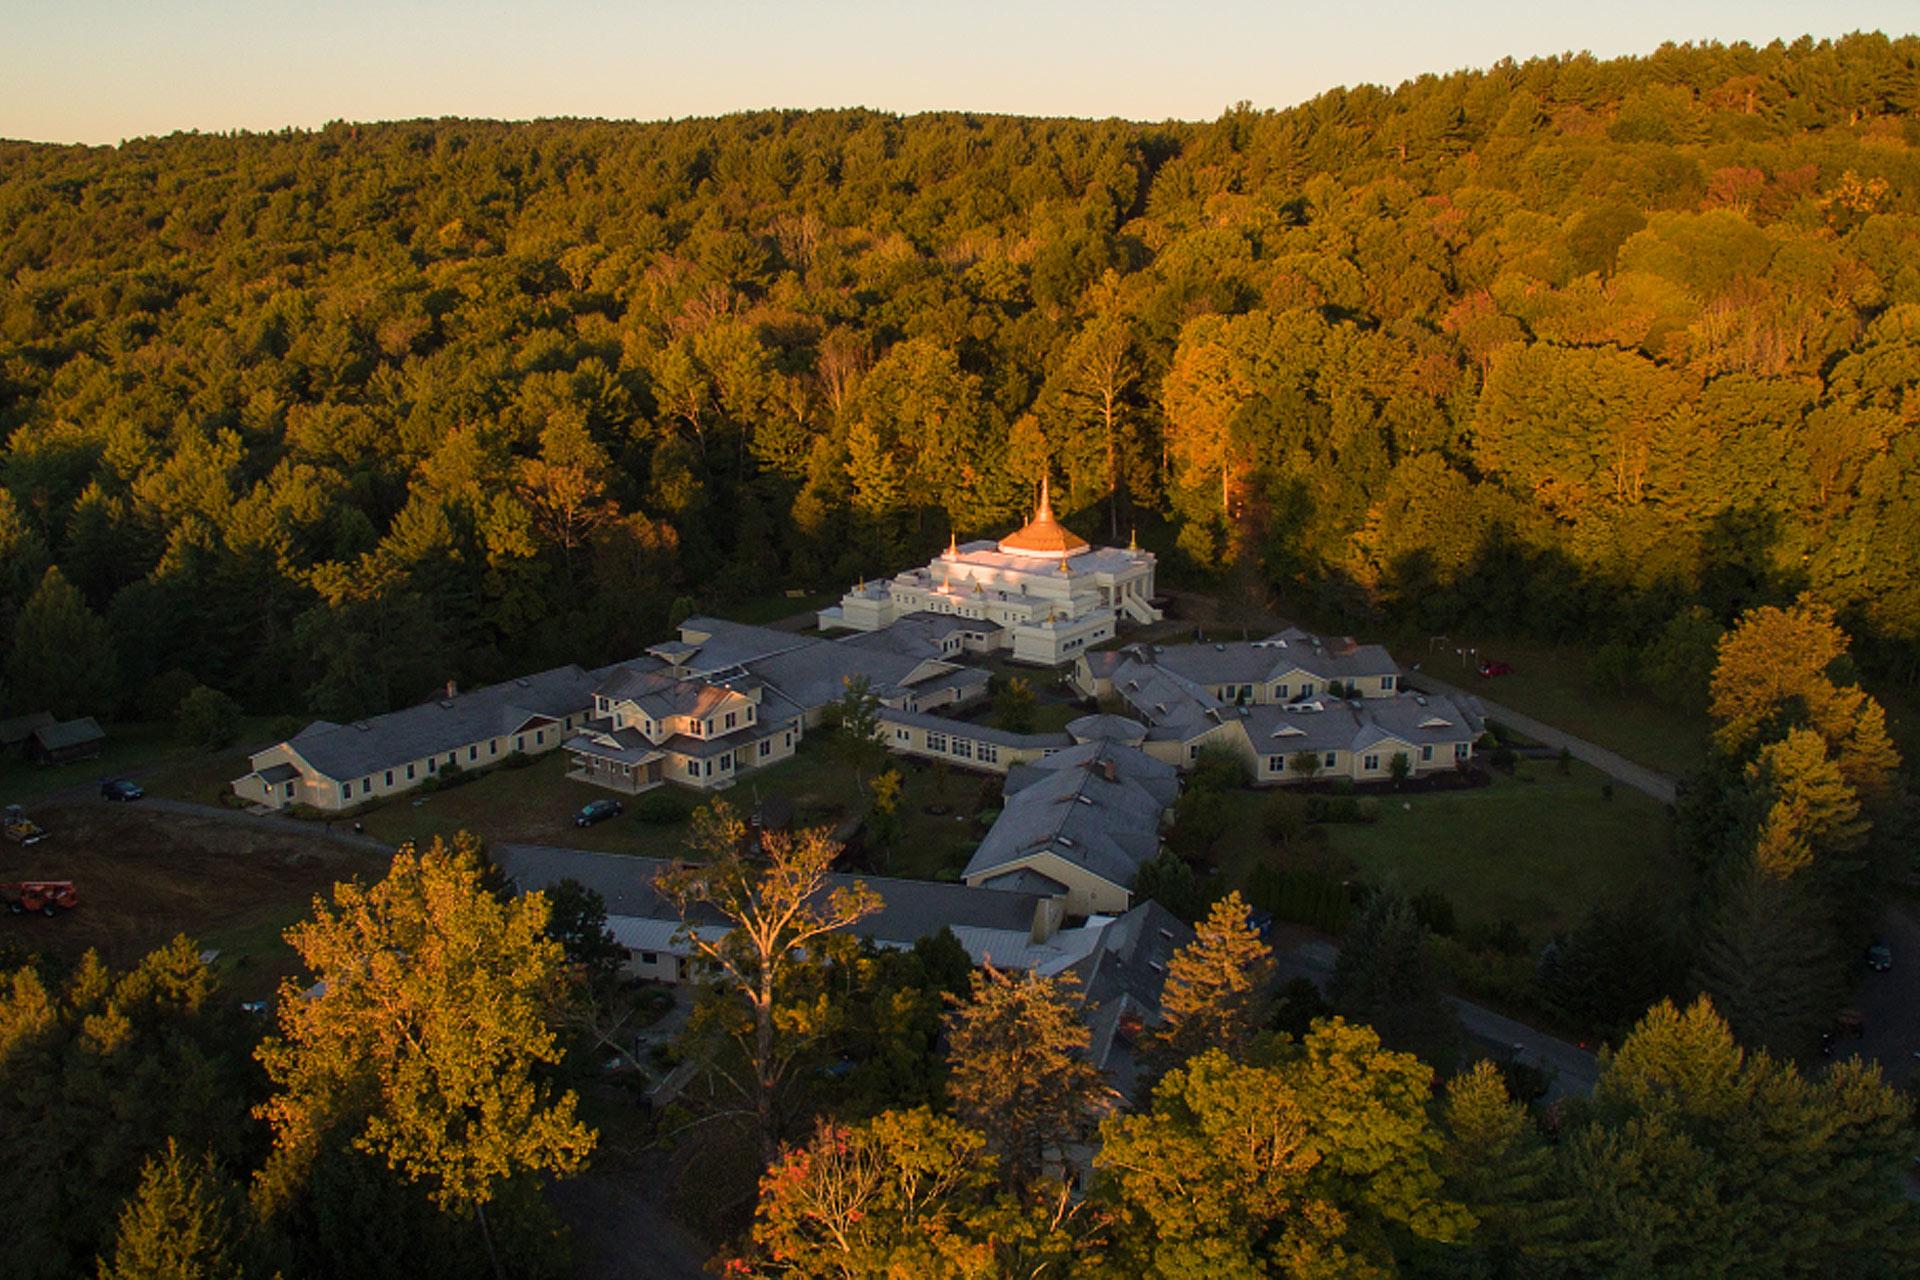 Vipassana Meditation Center